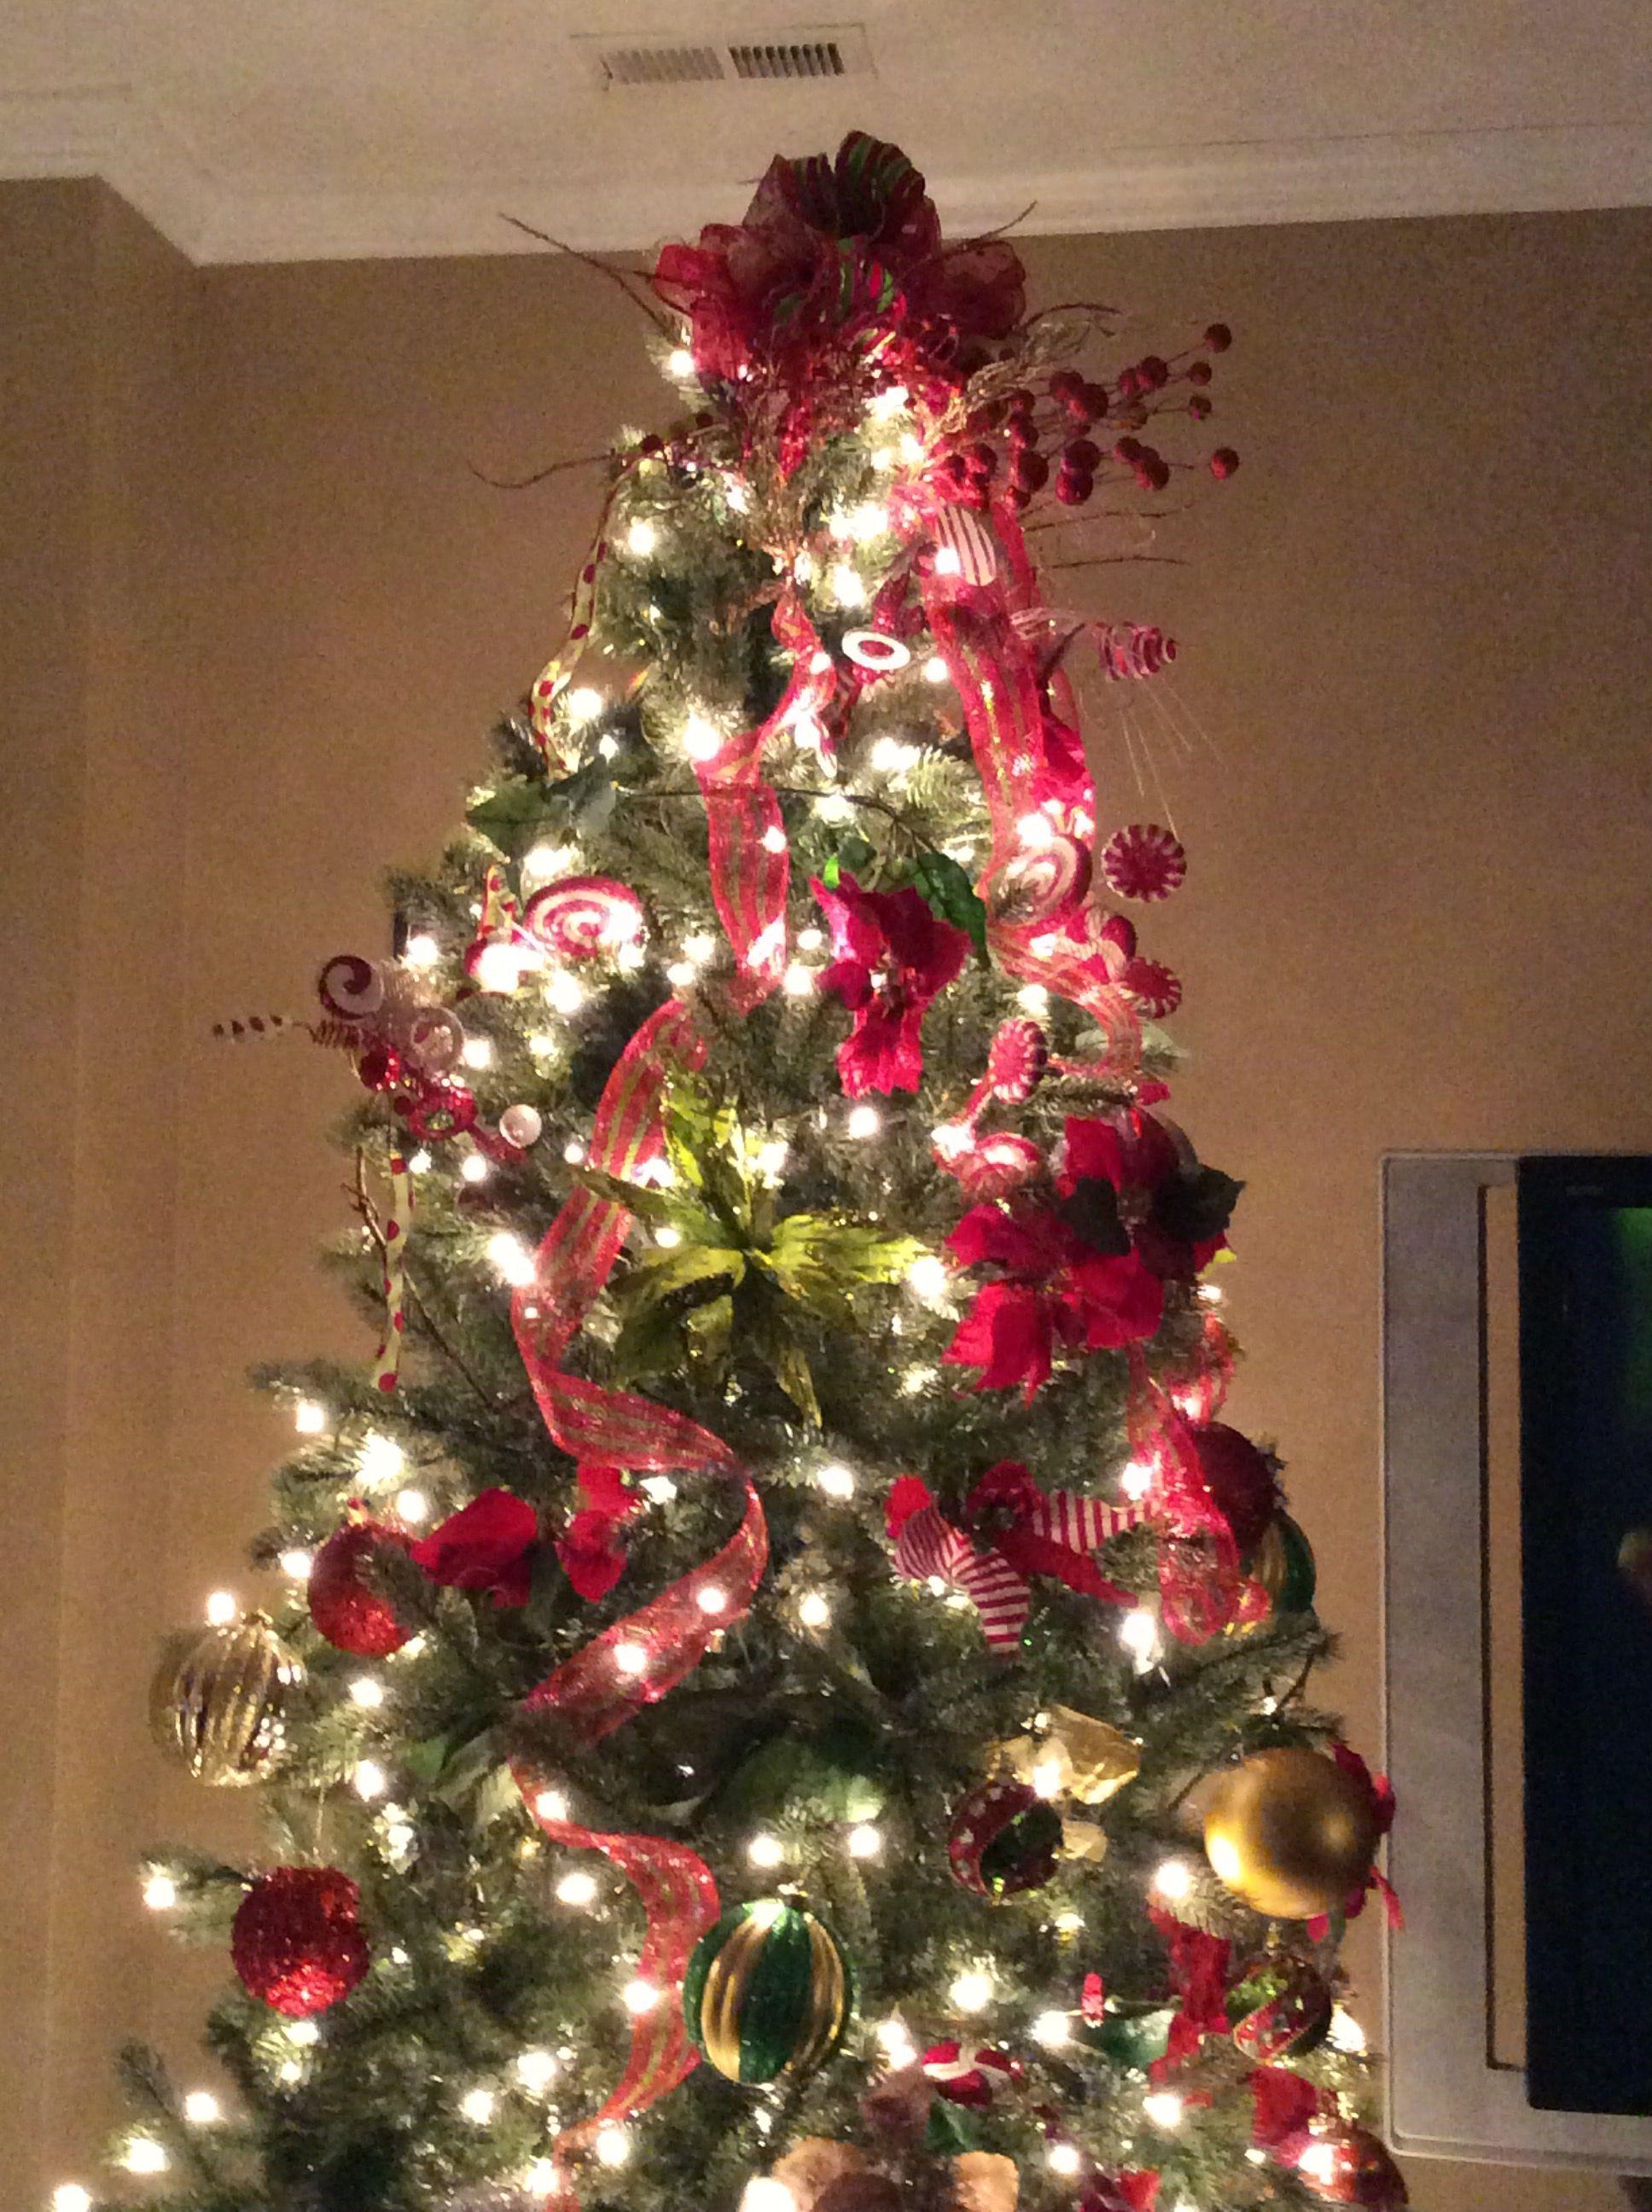 7ft tall Christmas Tree